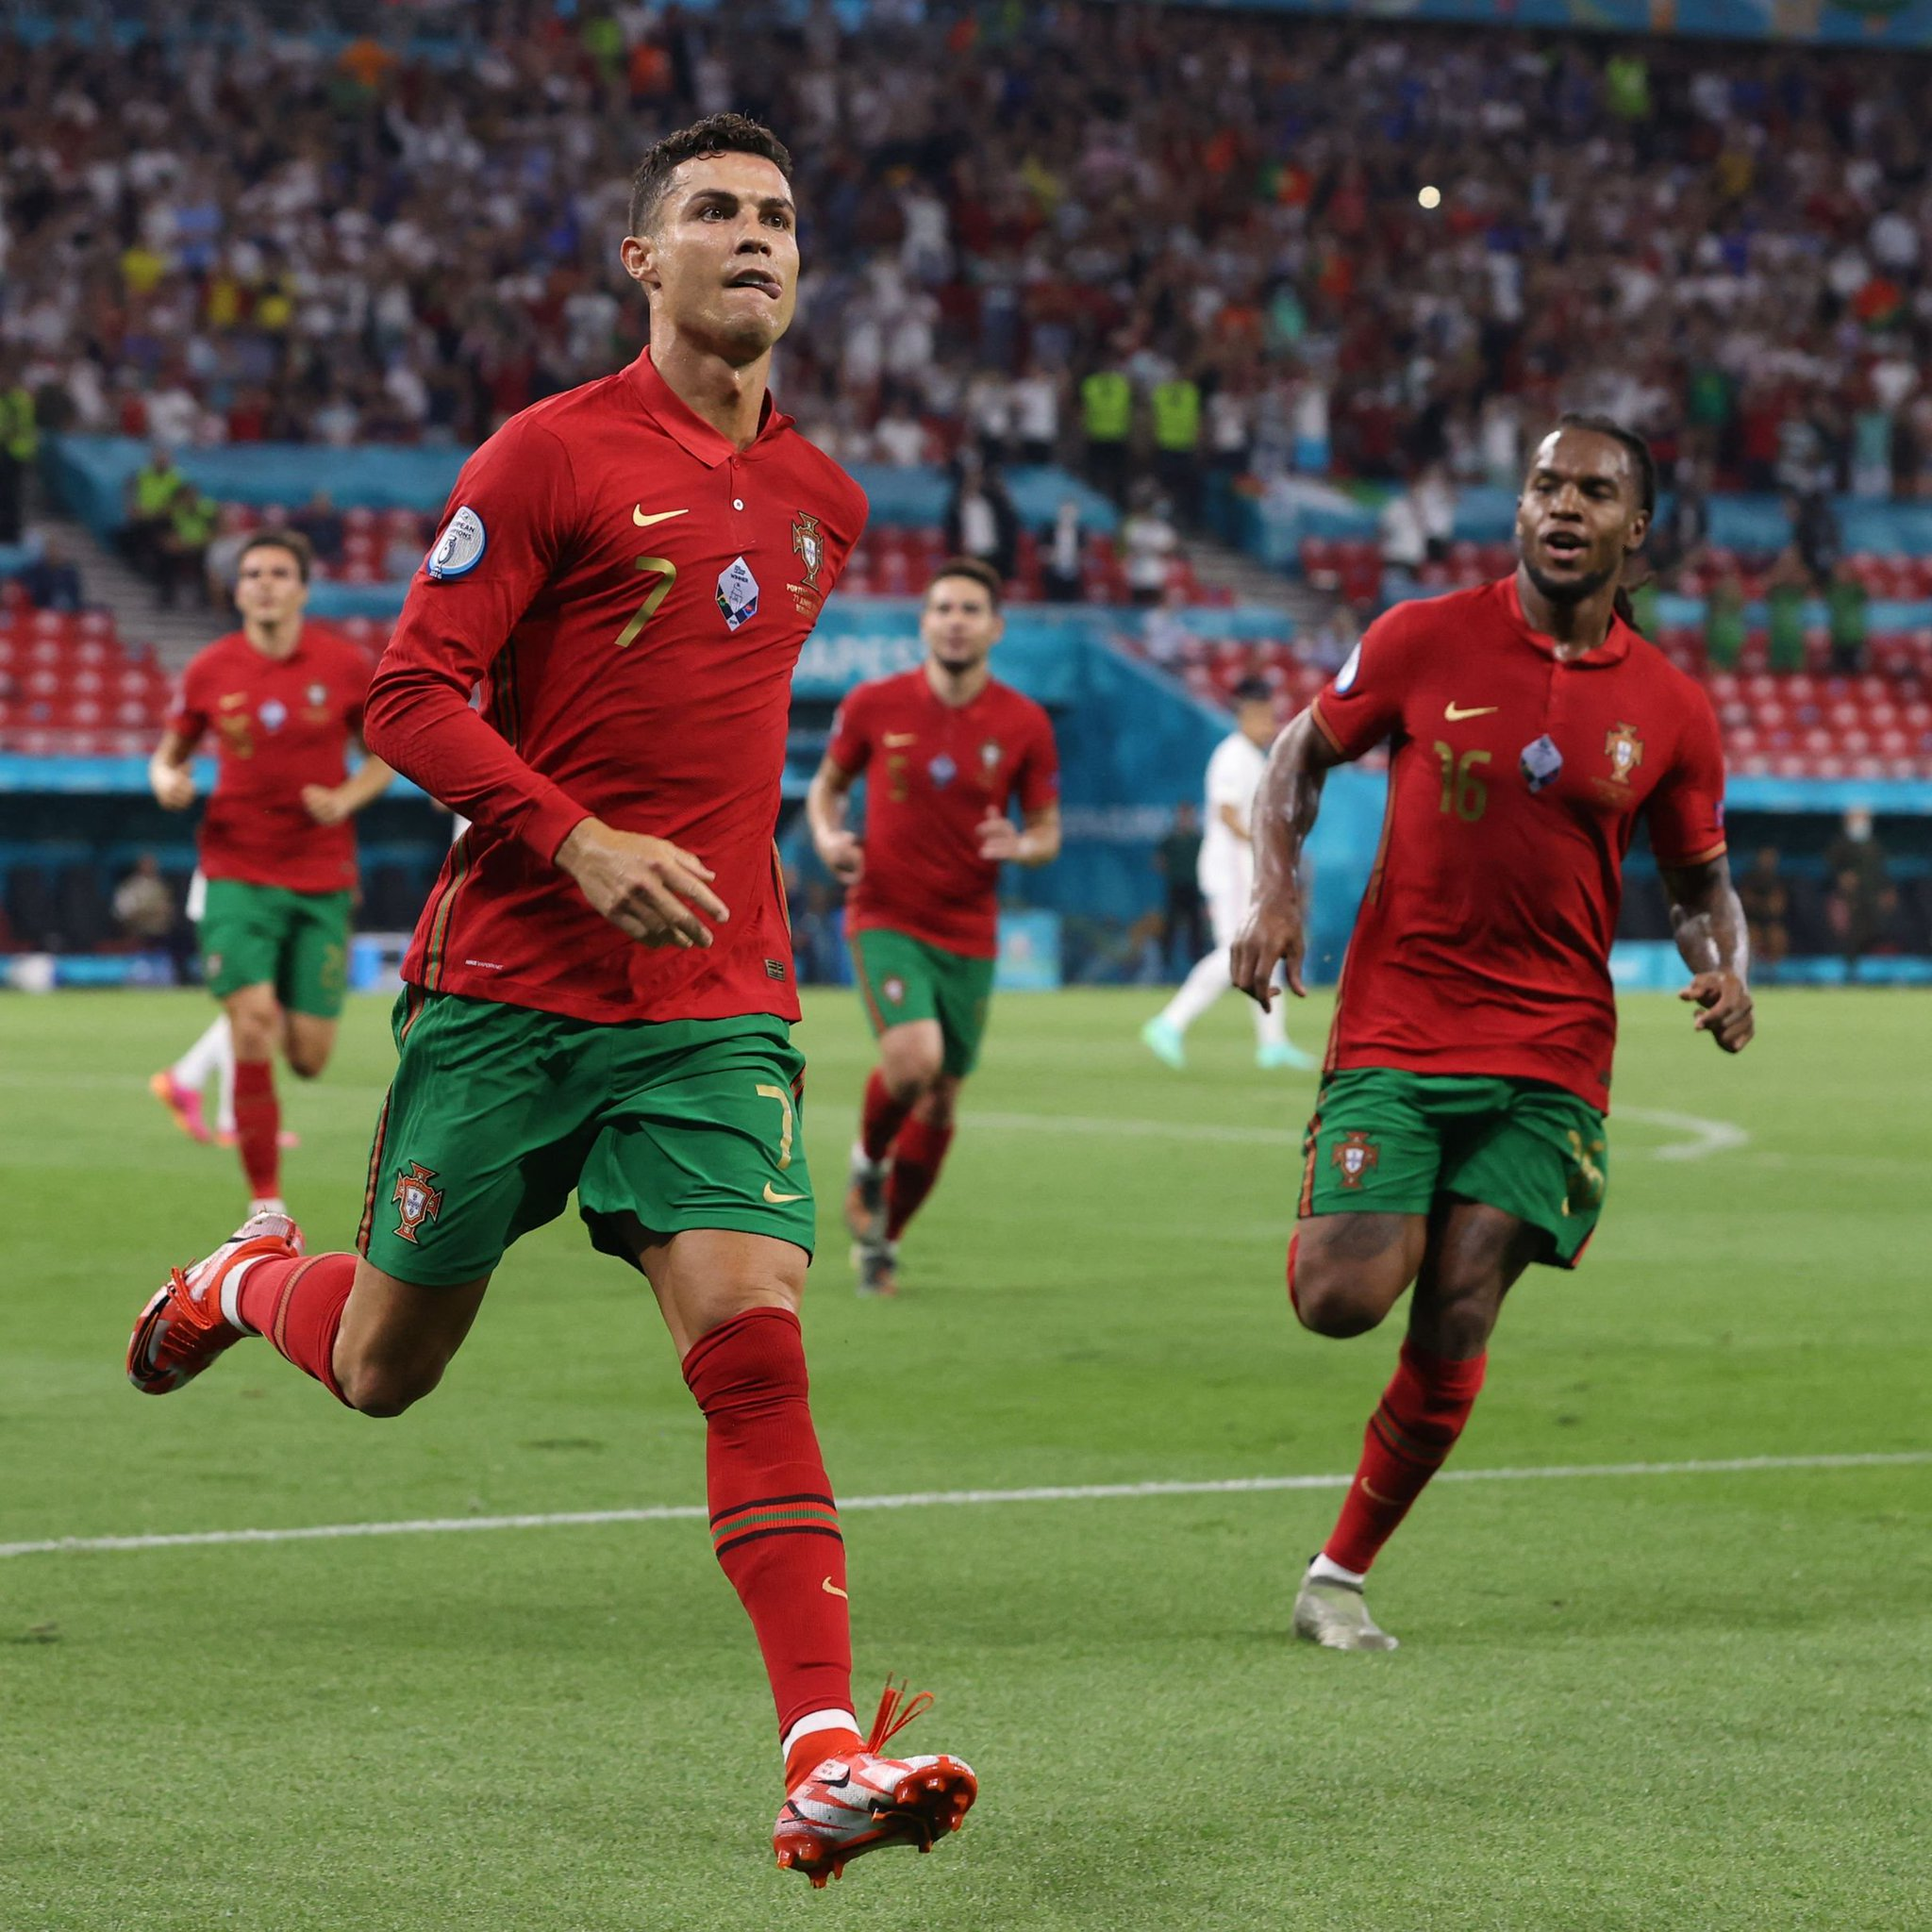 Cristiano Ronaldo égale Ali Daei et devient co-meilleur buteur en sélection